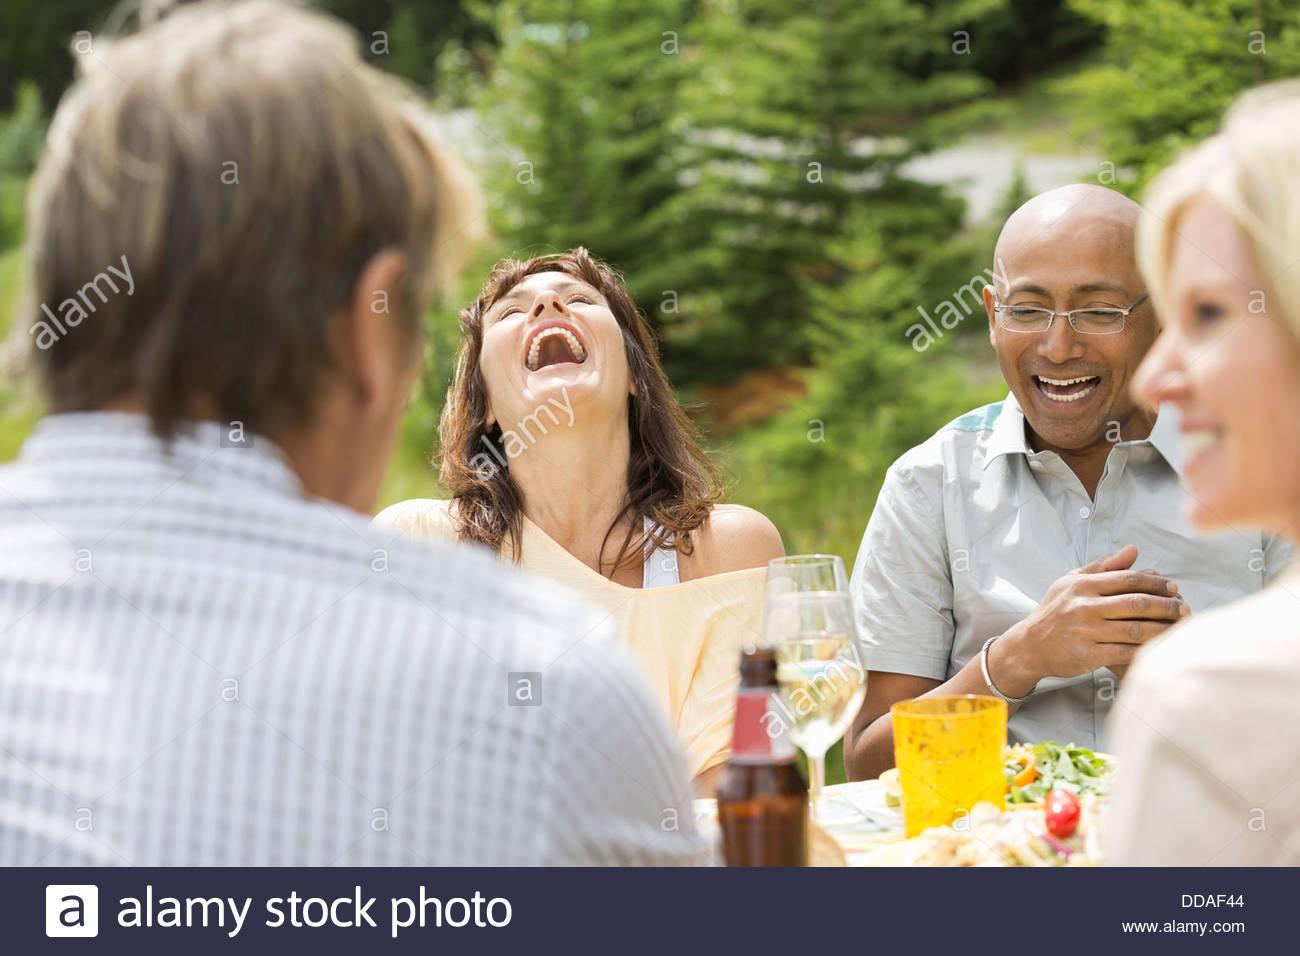 Par riendo durante la reunión social Imagen De Stock